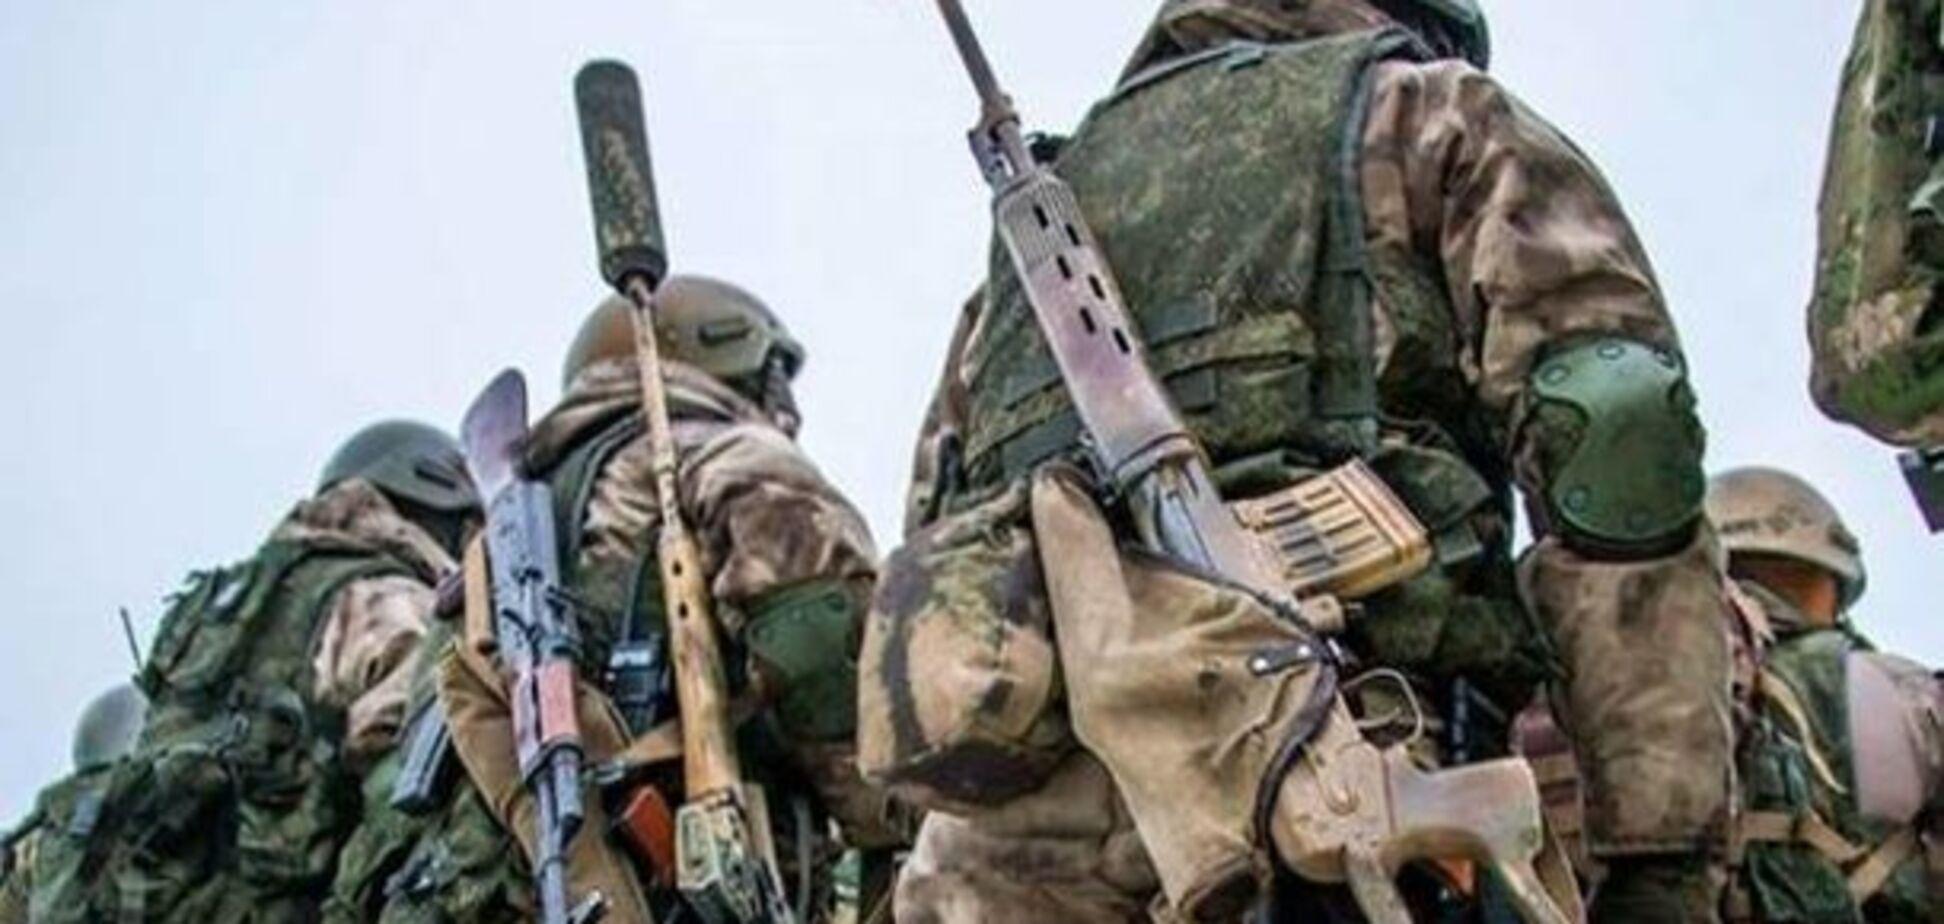 Украинский 'Вагнер' или новый 'Беркут': что задумали создать в Раде?